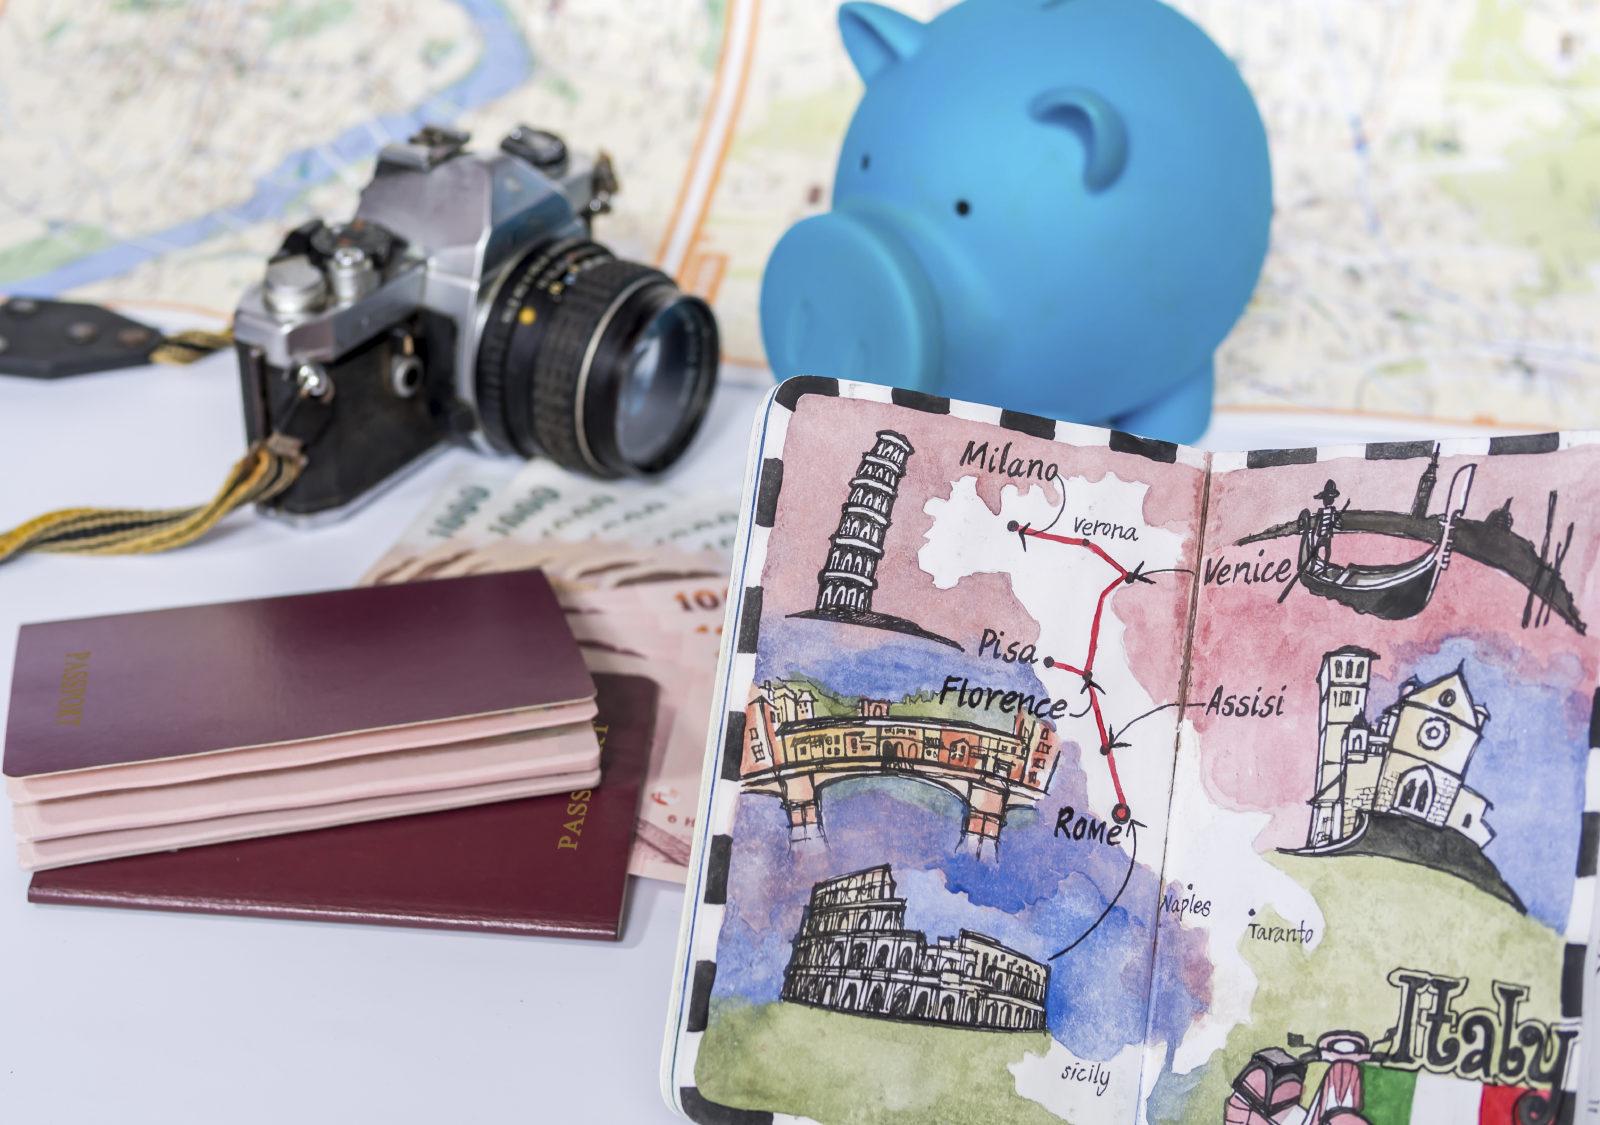 Vá de férias mais barato